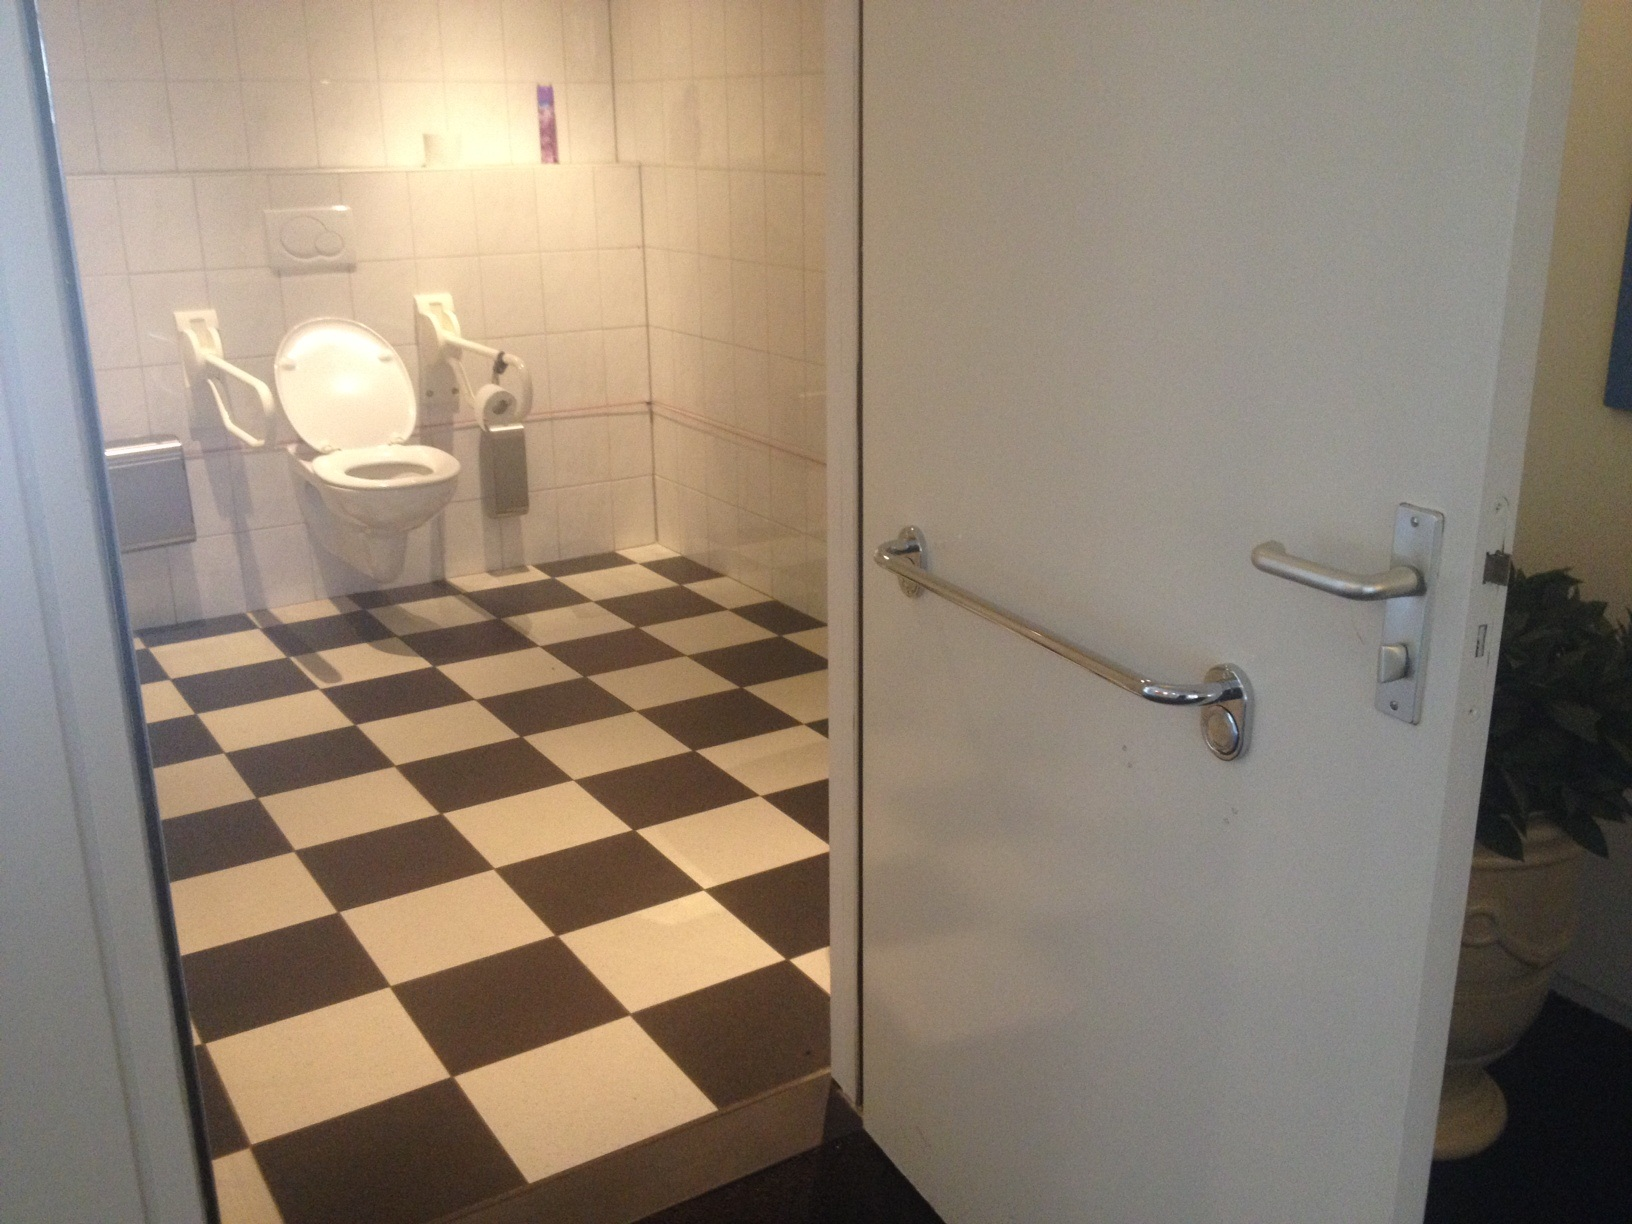 Badkamer Voor Ouderen : Badkamer aanpassingen senioren en invaliden verbeterde